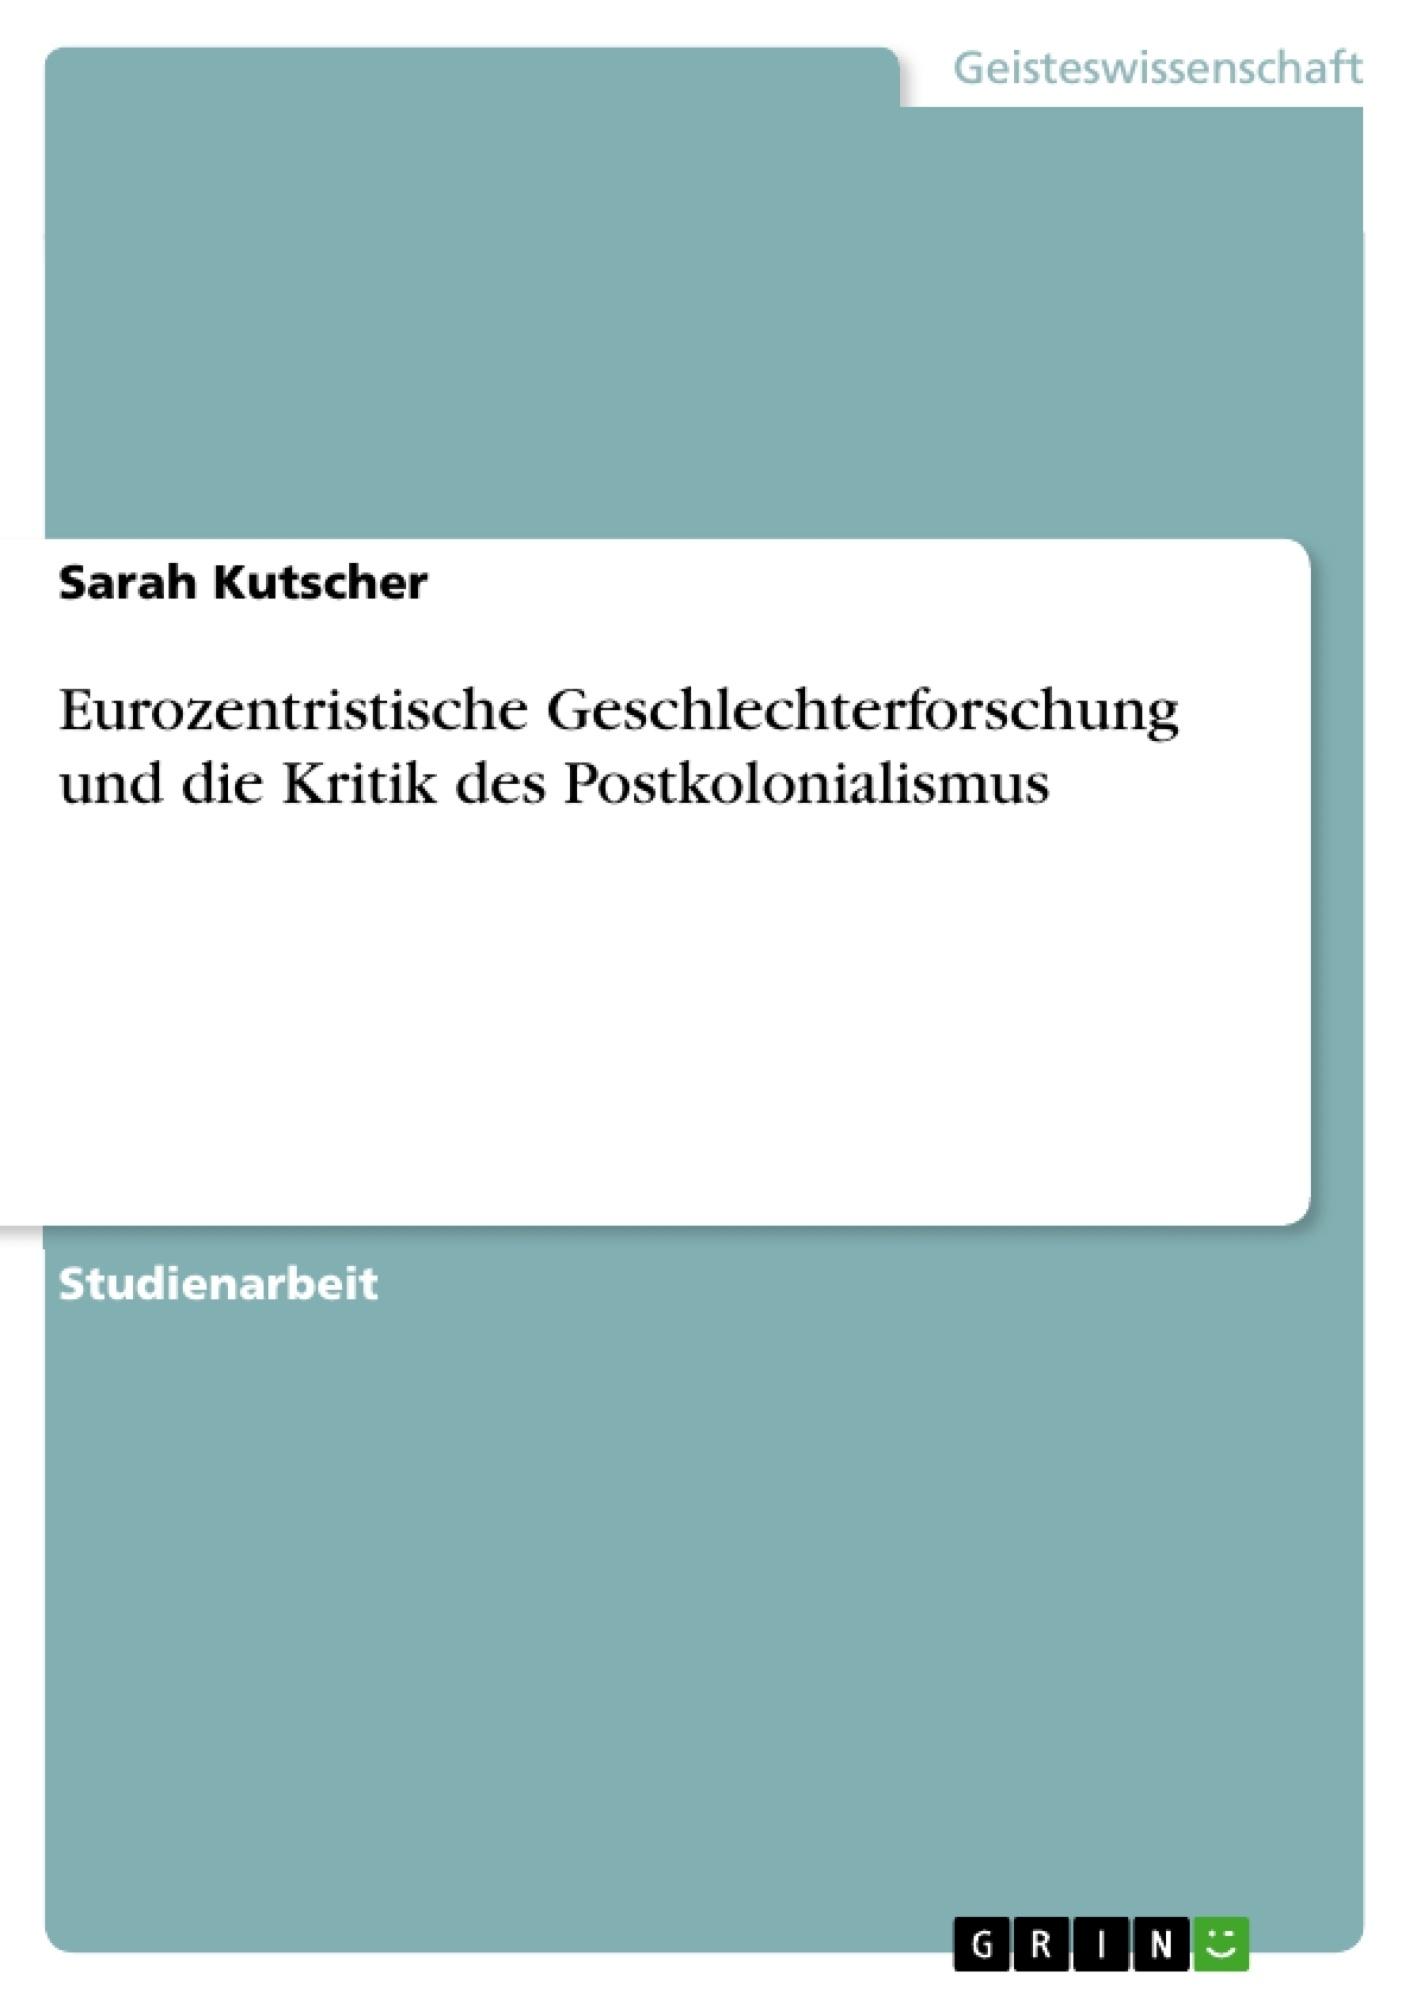 Titel: Eurozentristische Geschlechterforschung und die Kritik des Postkolonialismus